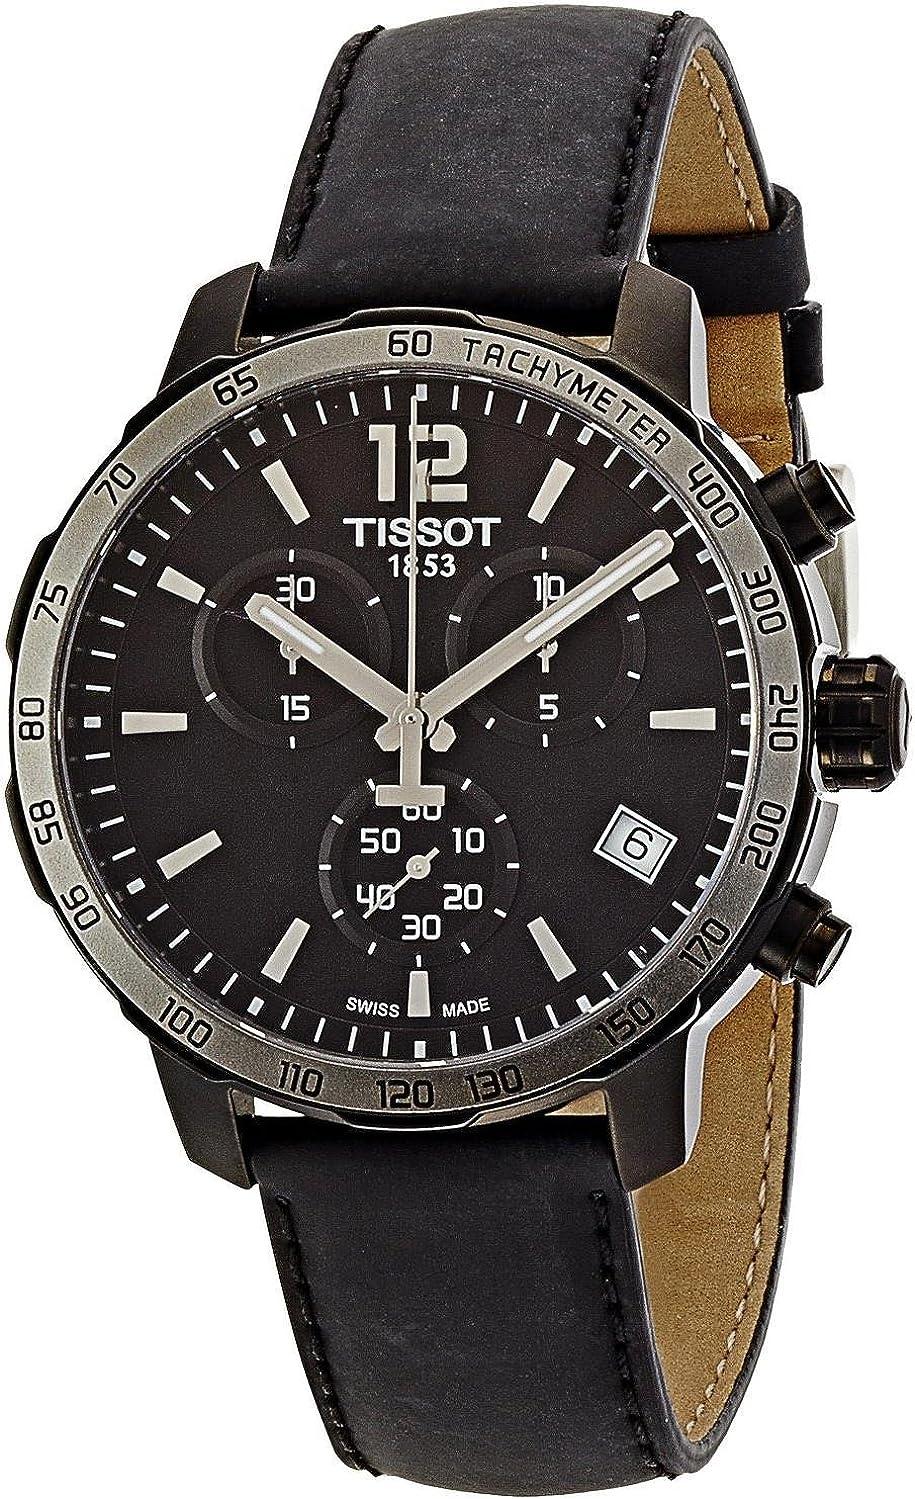 Tissot T0954173605702 Reloj cronógrafo de cuarzo, suizo, carcasa de acero, pulsera de cuero de ternero, color negro, 42 mm, de hombre